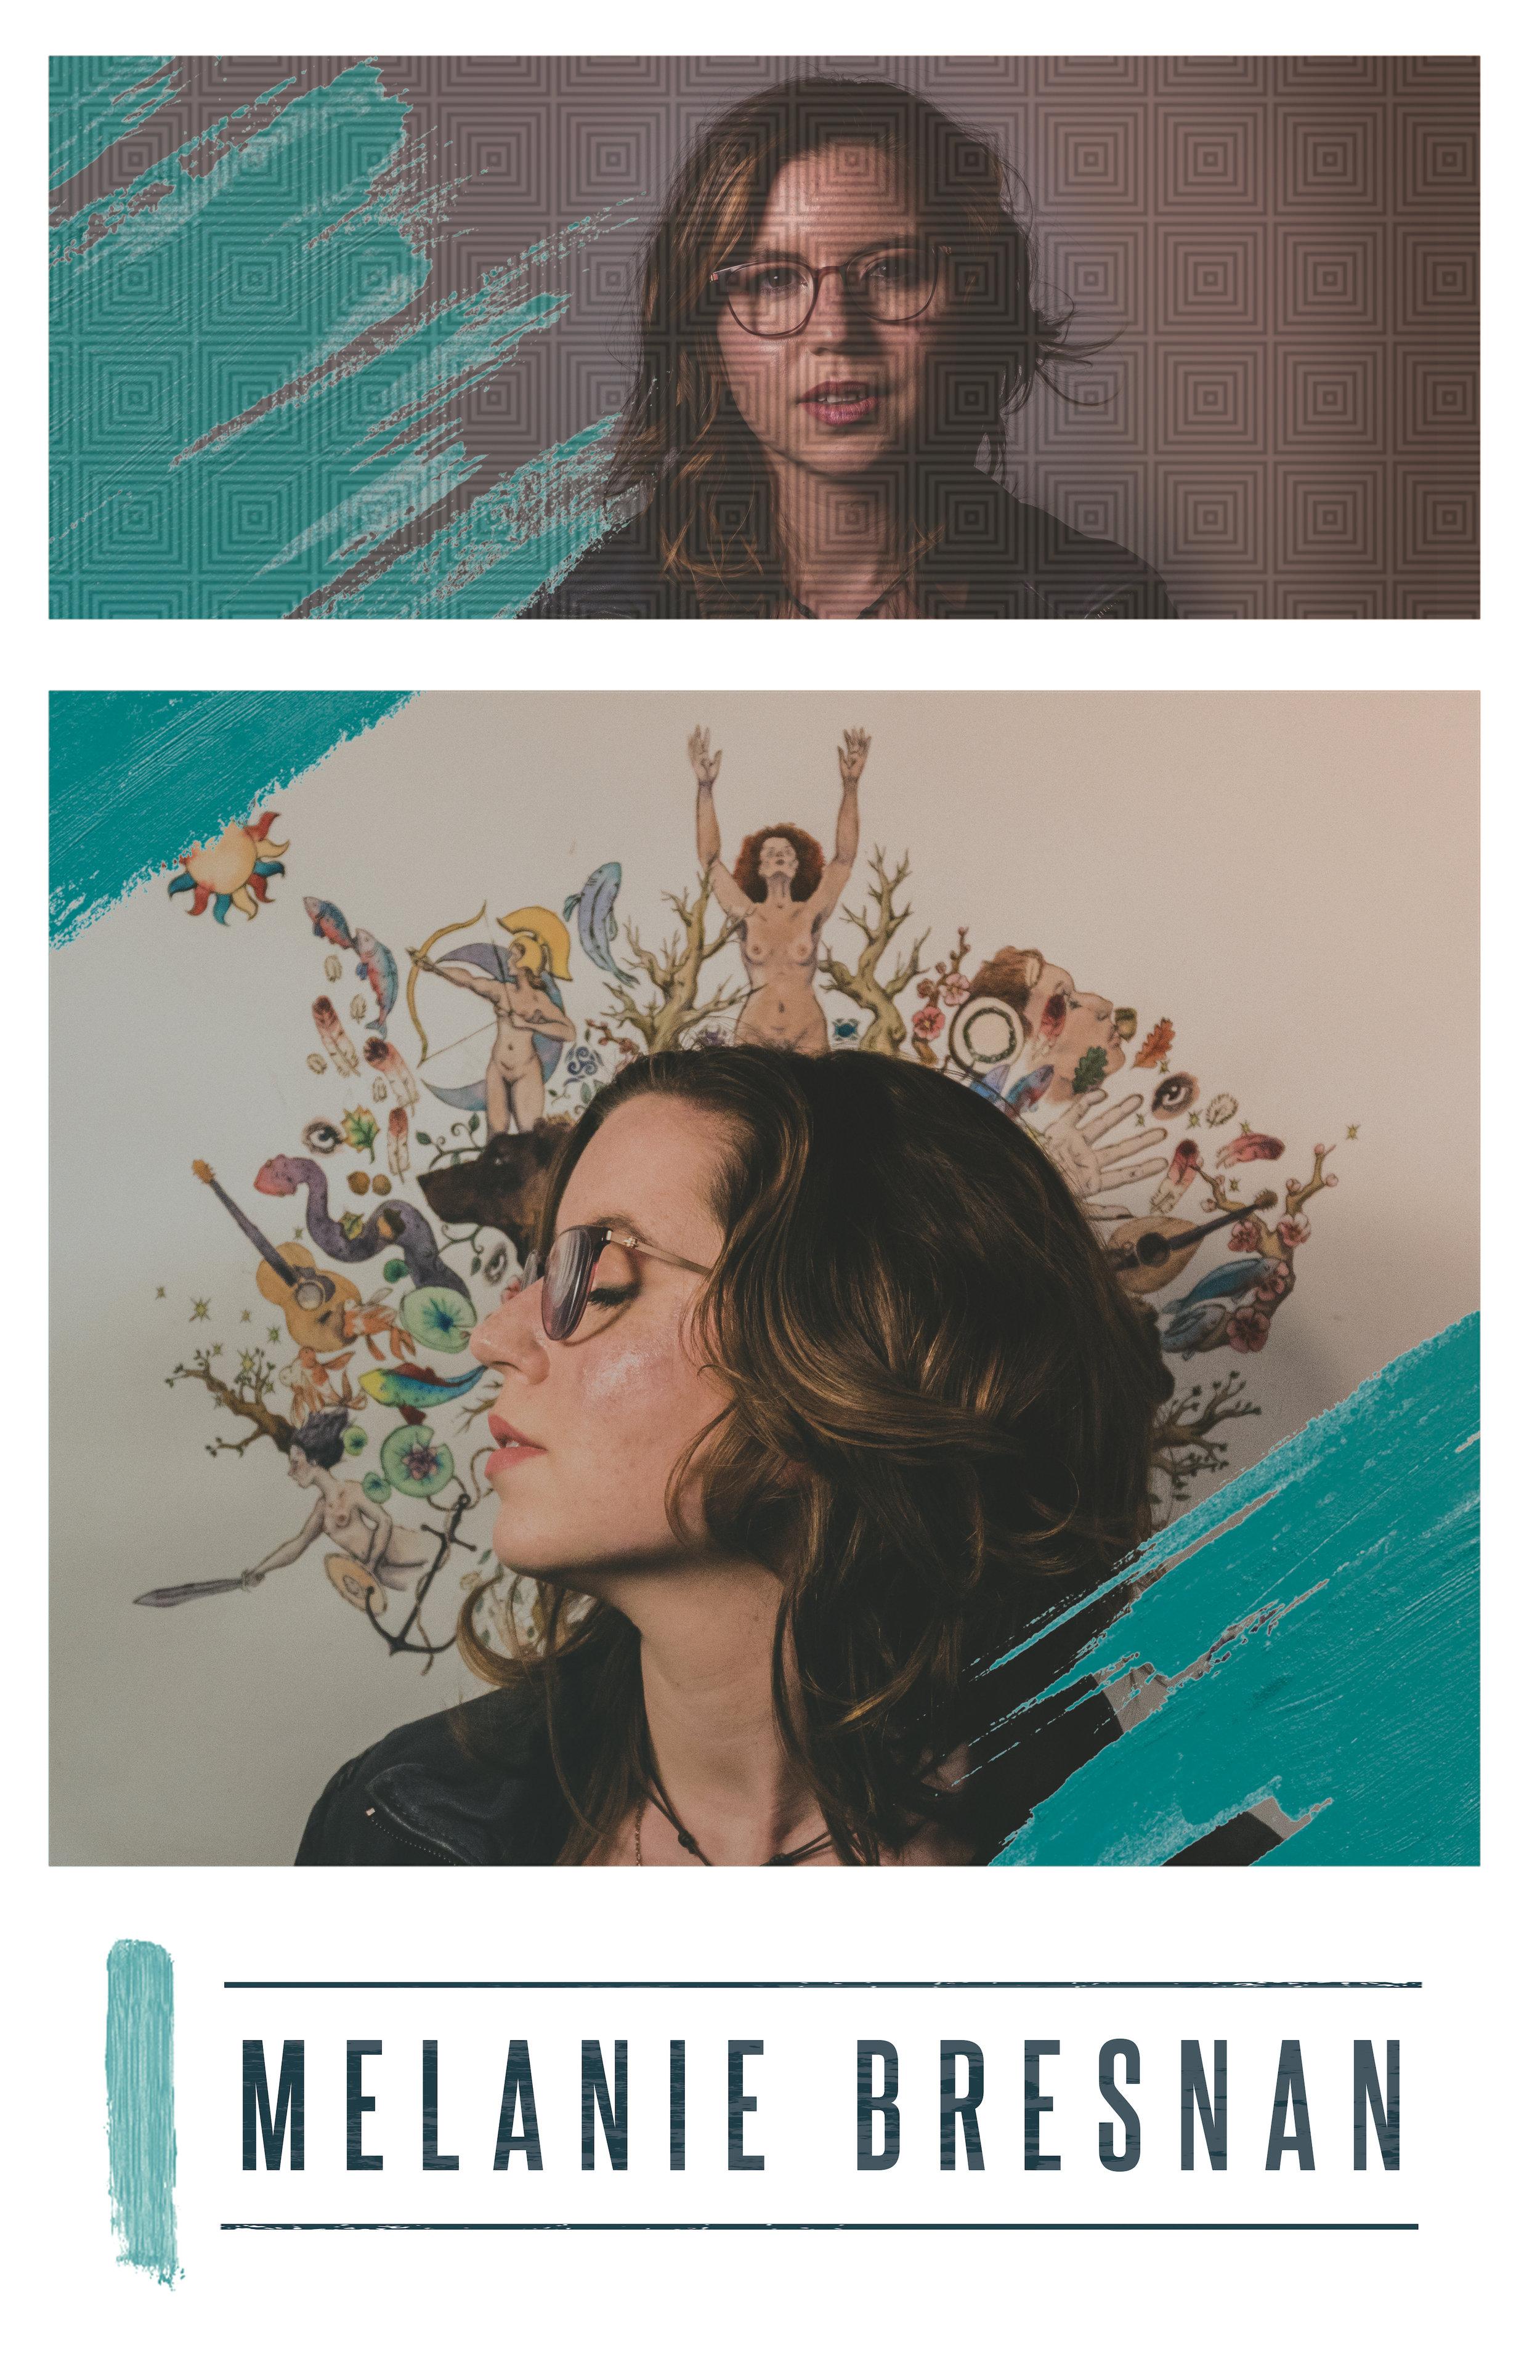 Melanie Bresnan - Artist Poster (2019) copy.jpg